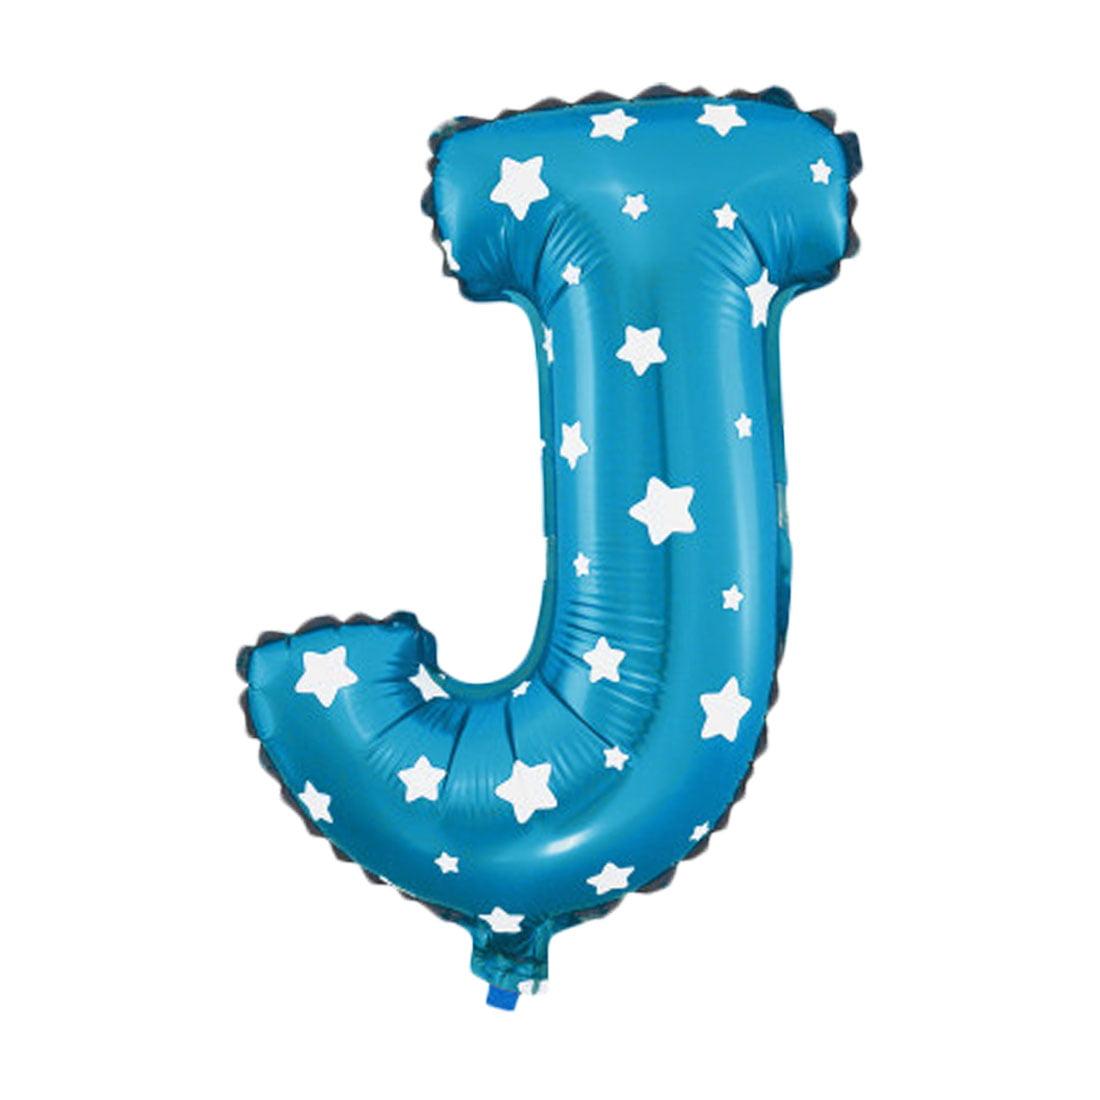 """Unique Bargains 16"""" Blue Foil Letter J Balloon Helium Birthday Wedding Festival Decor"""